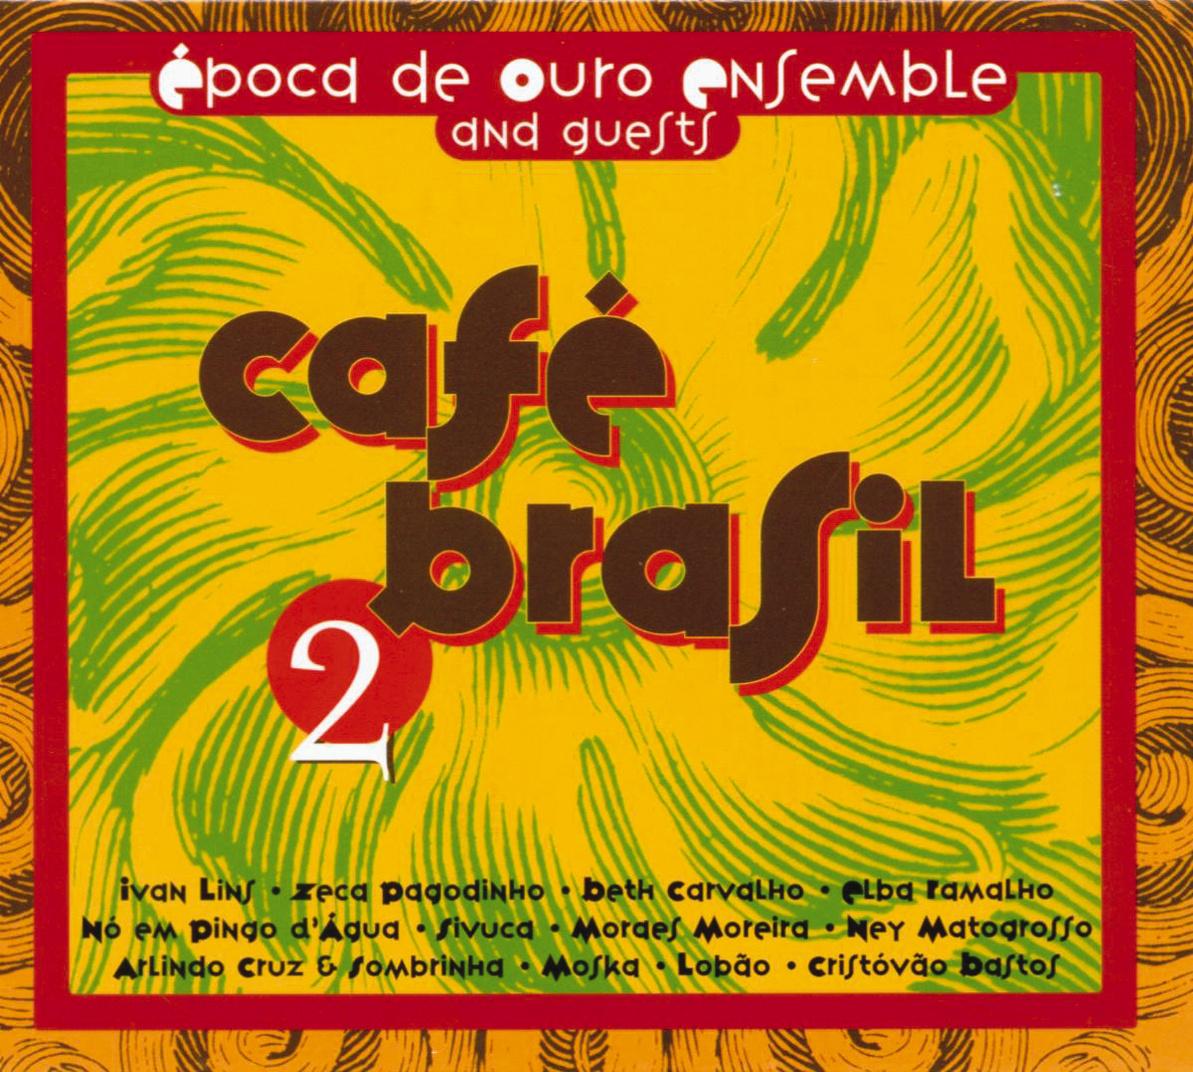 Epoca de Ouro Ensemble &Guests - Cafe Brasil 2